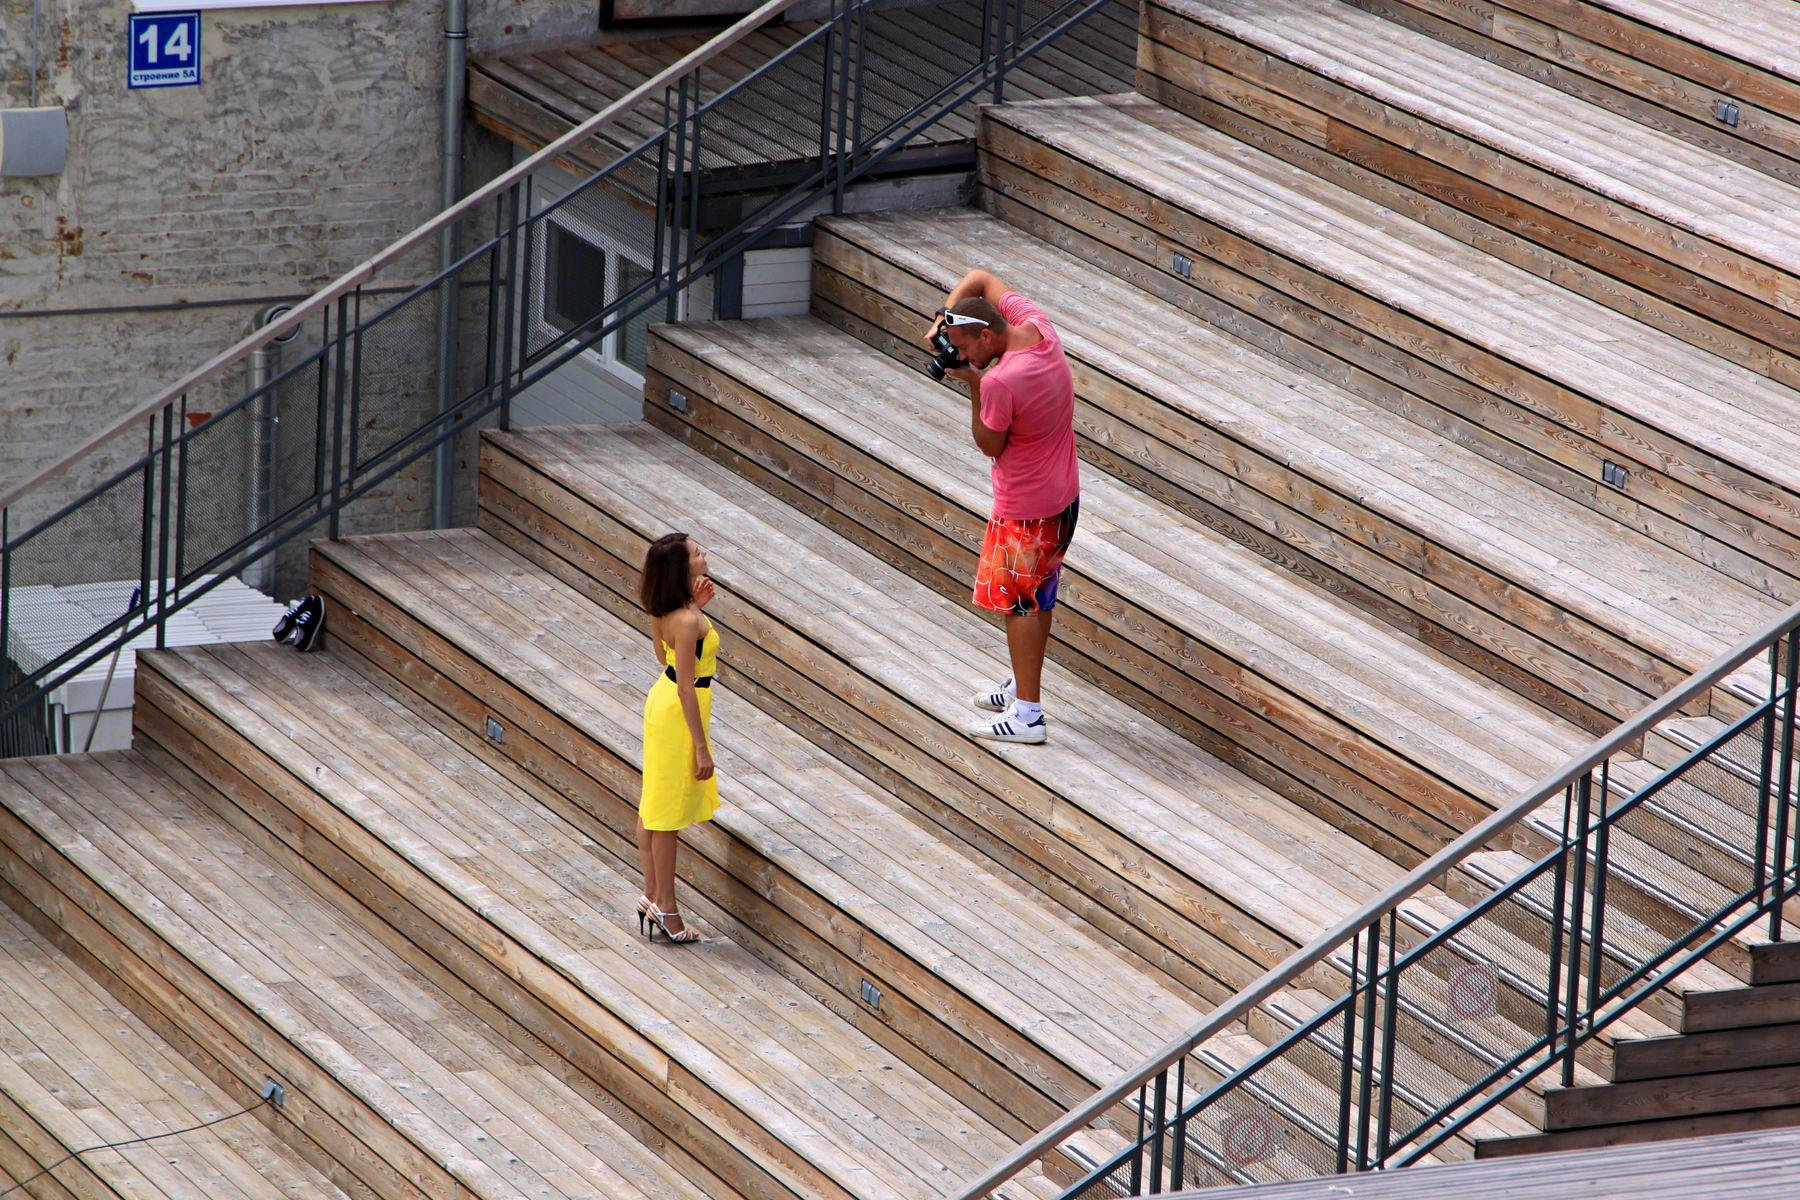 Фотоссесия люди лица город прохожие стрит